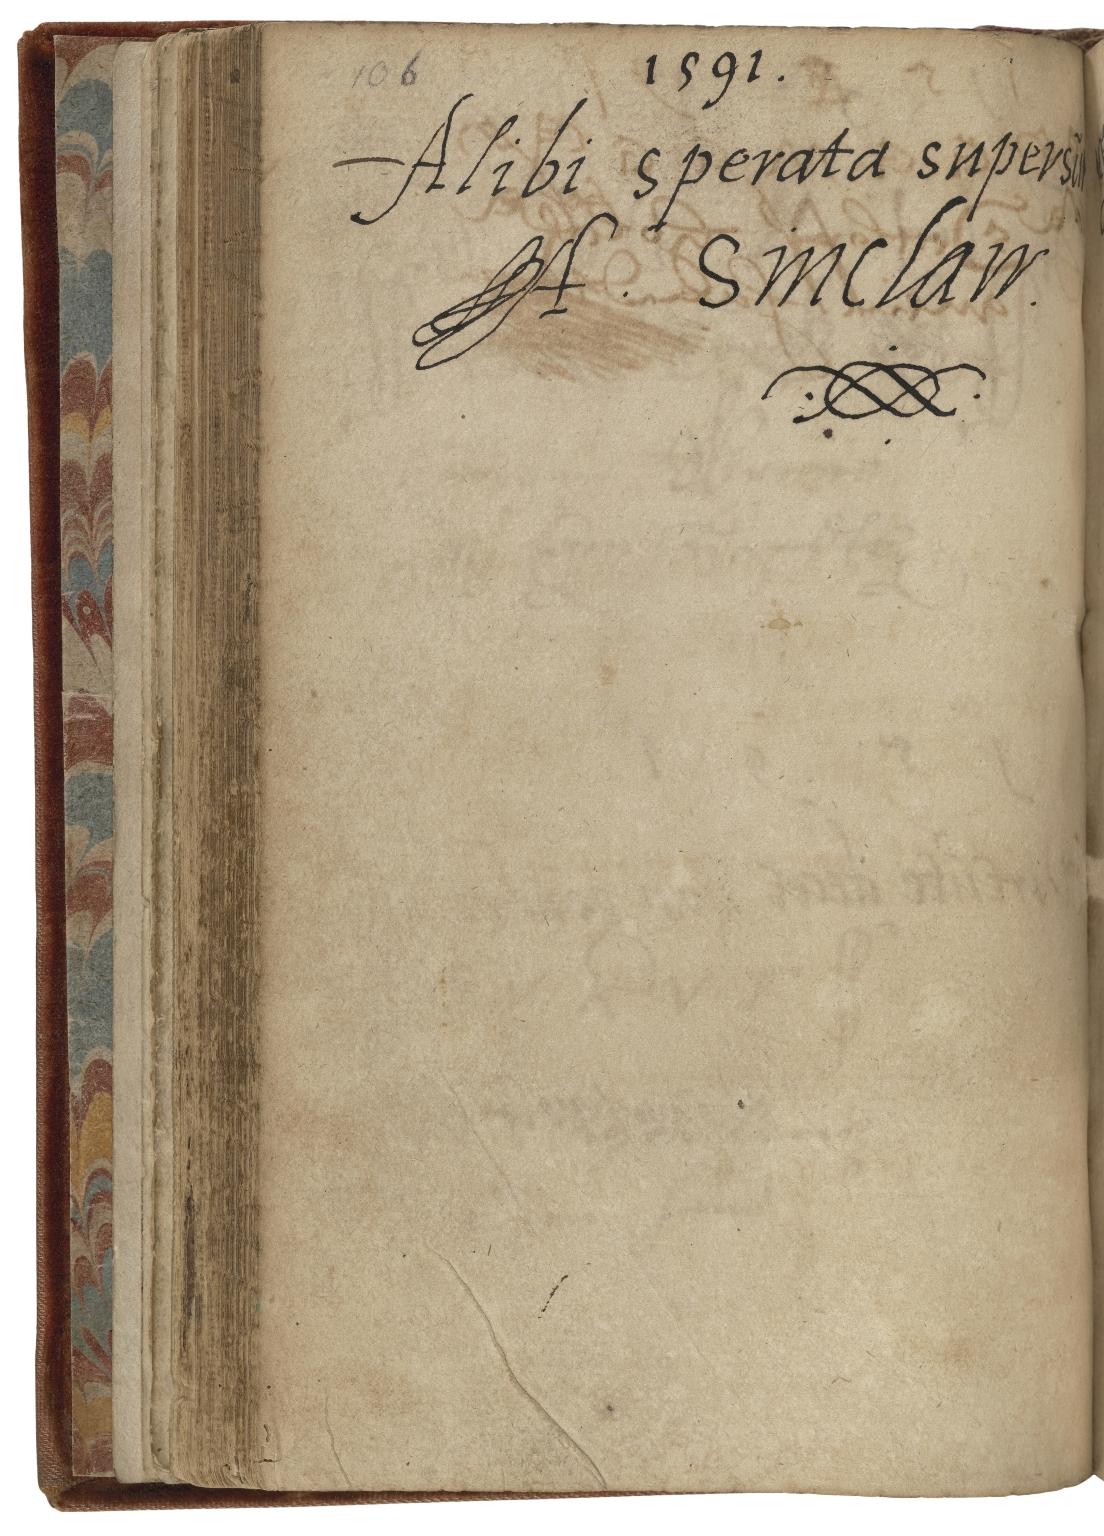 Album amicorum [manuscript], 1564, 1590-1609.